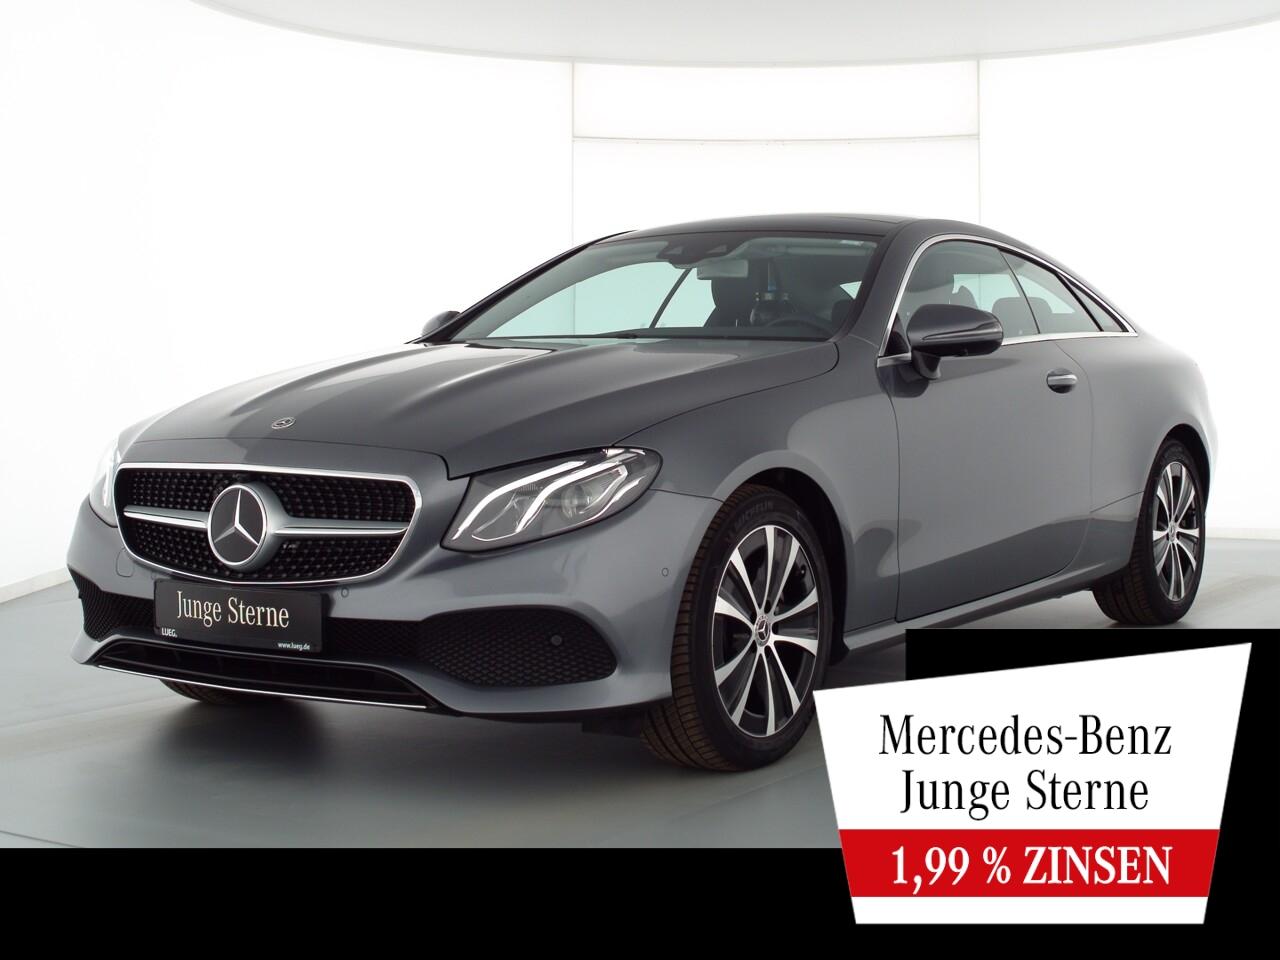 Mercedes-Benz E 200 Coupe Avantgarde+COM+Pano+LED+DistrPl+360°, Jahr 2019, Benzin